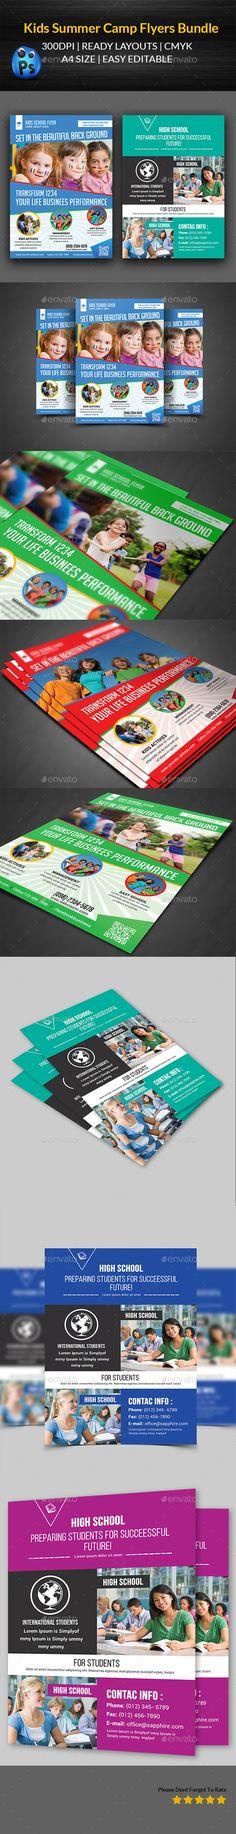 Kids Summer Camp Flyer Bundle Flyer template - summer camp flyer template